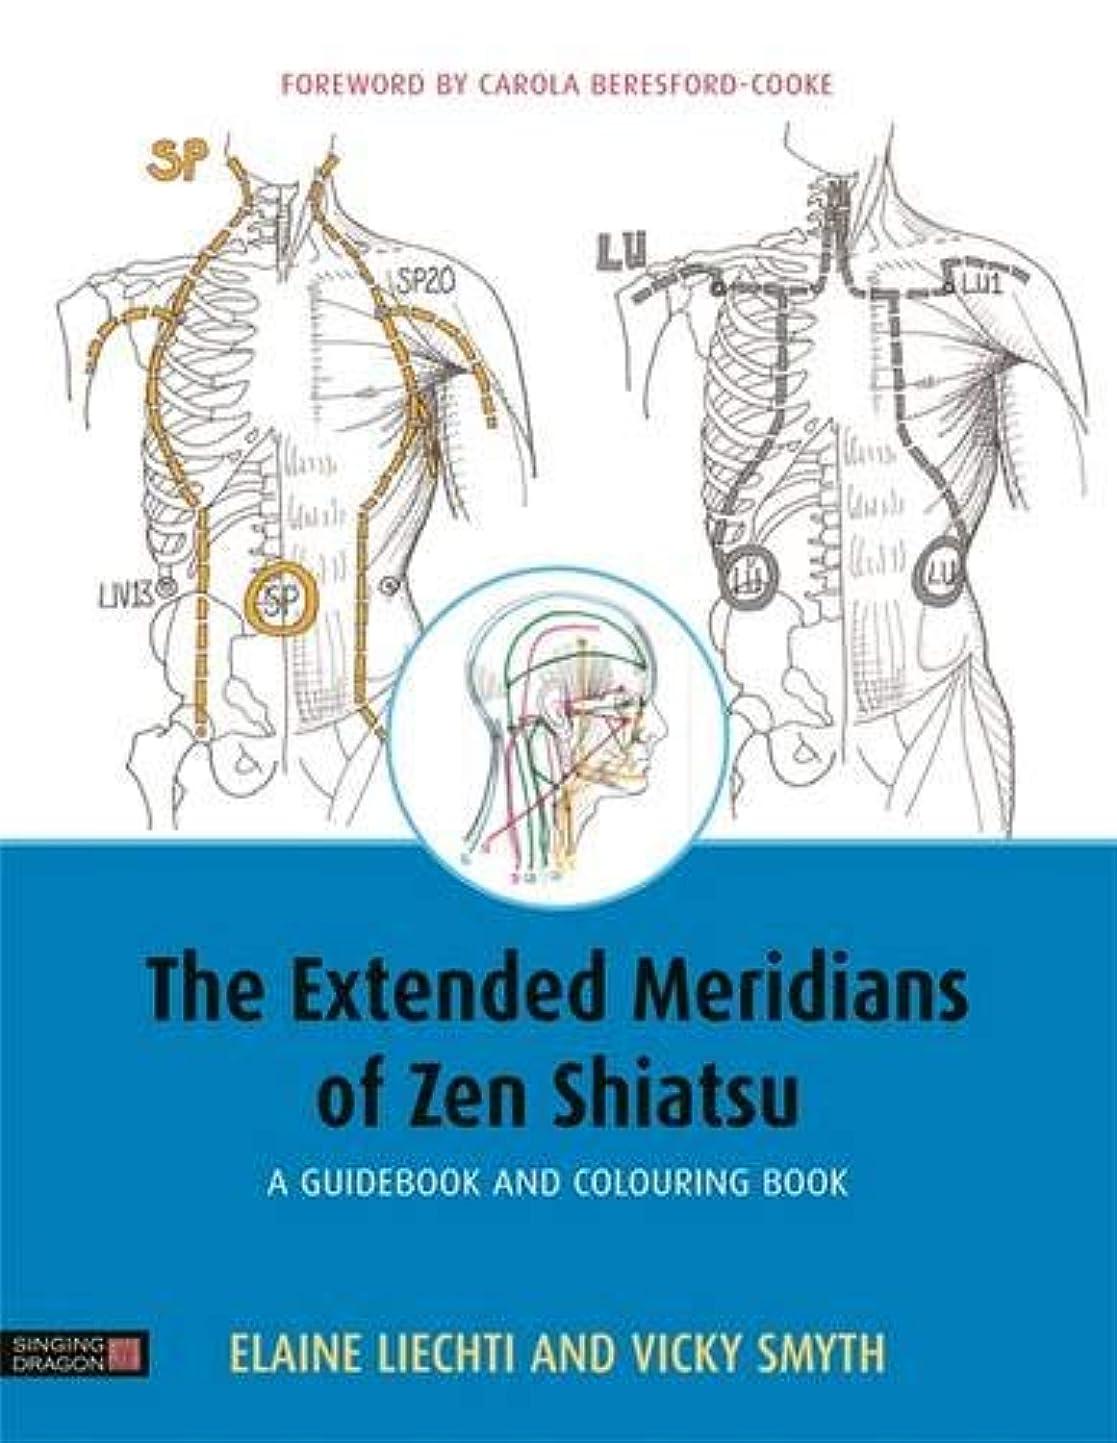 センチメンタルうぬぼれたただやるThe Extended Meridians of Zen Shiatsu: A Guidebook and Colouring Book